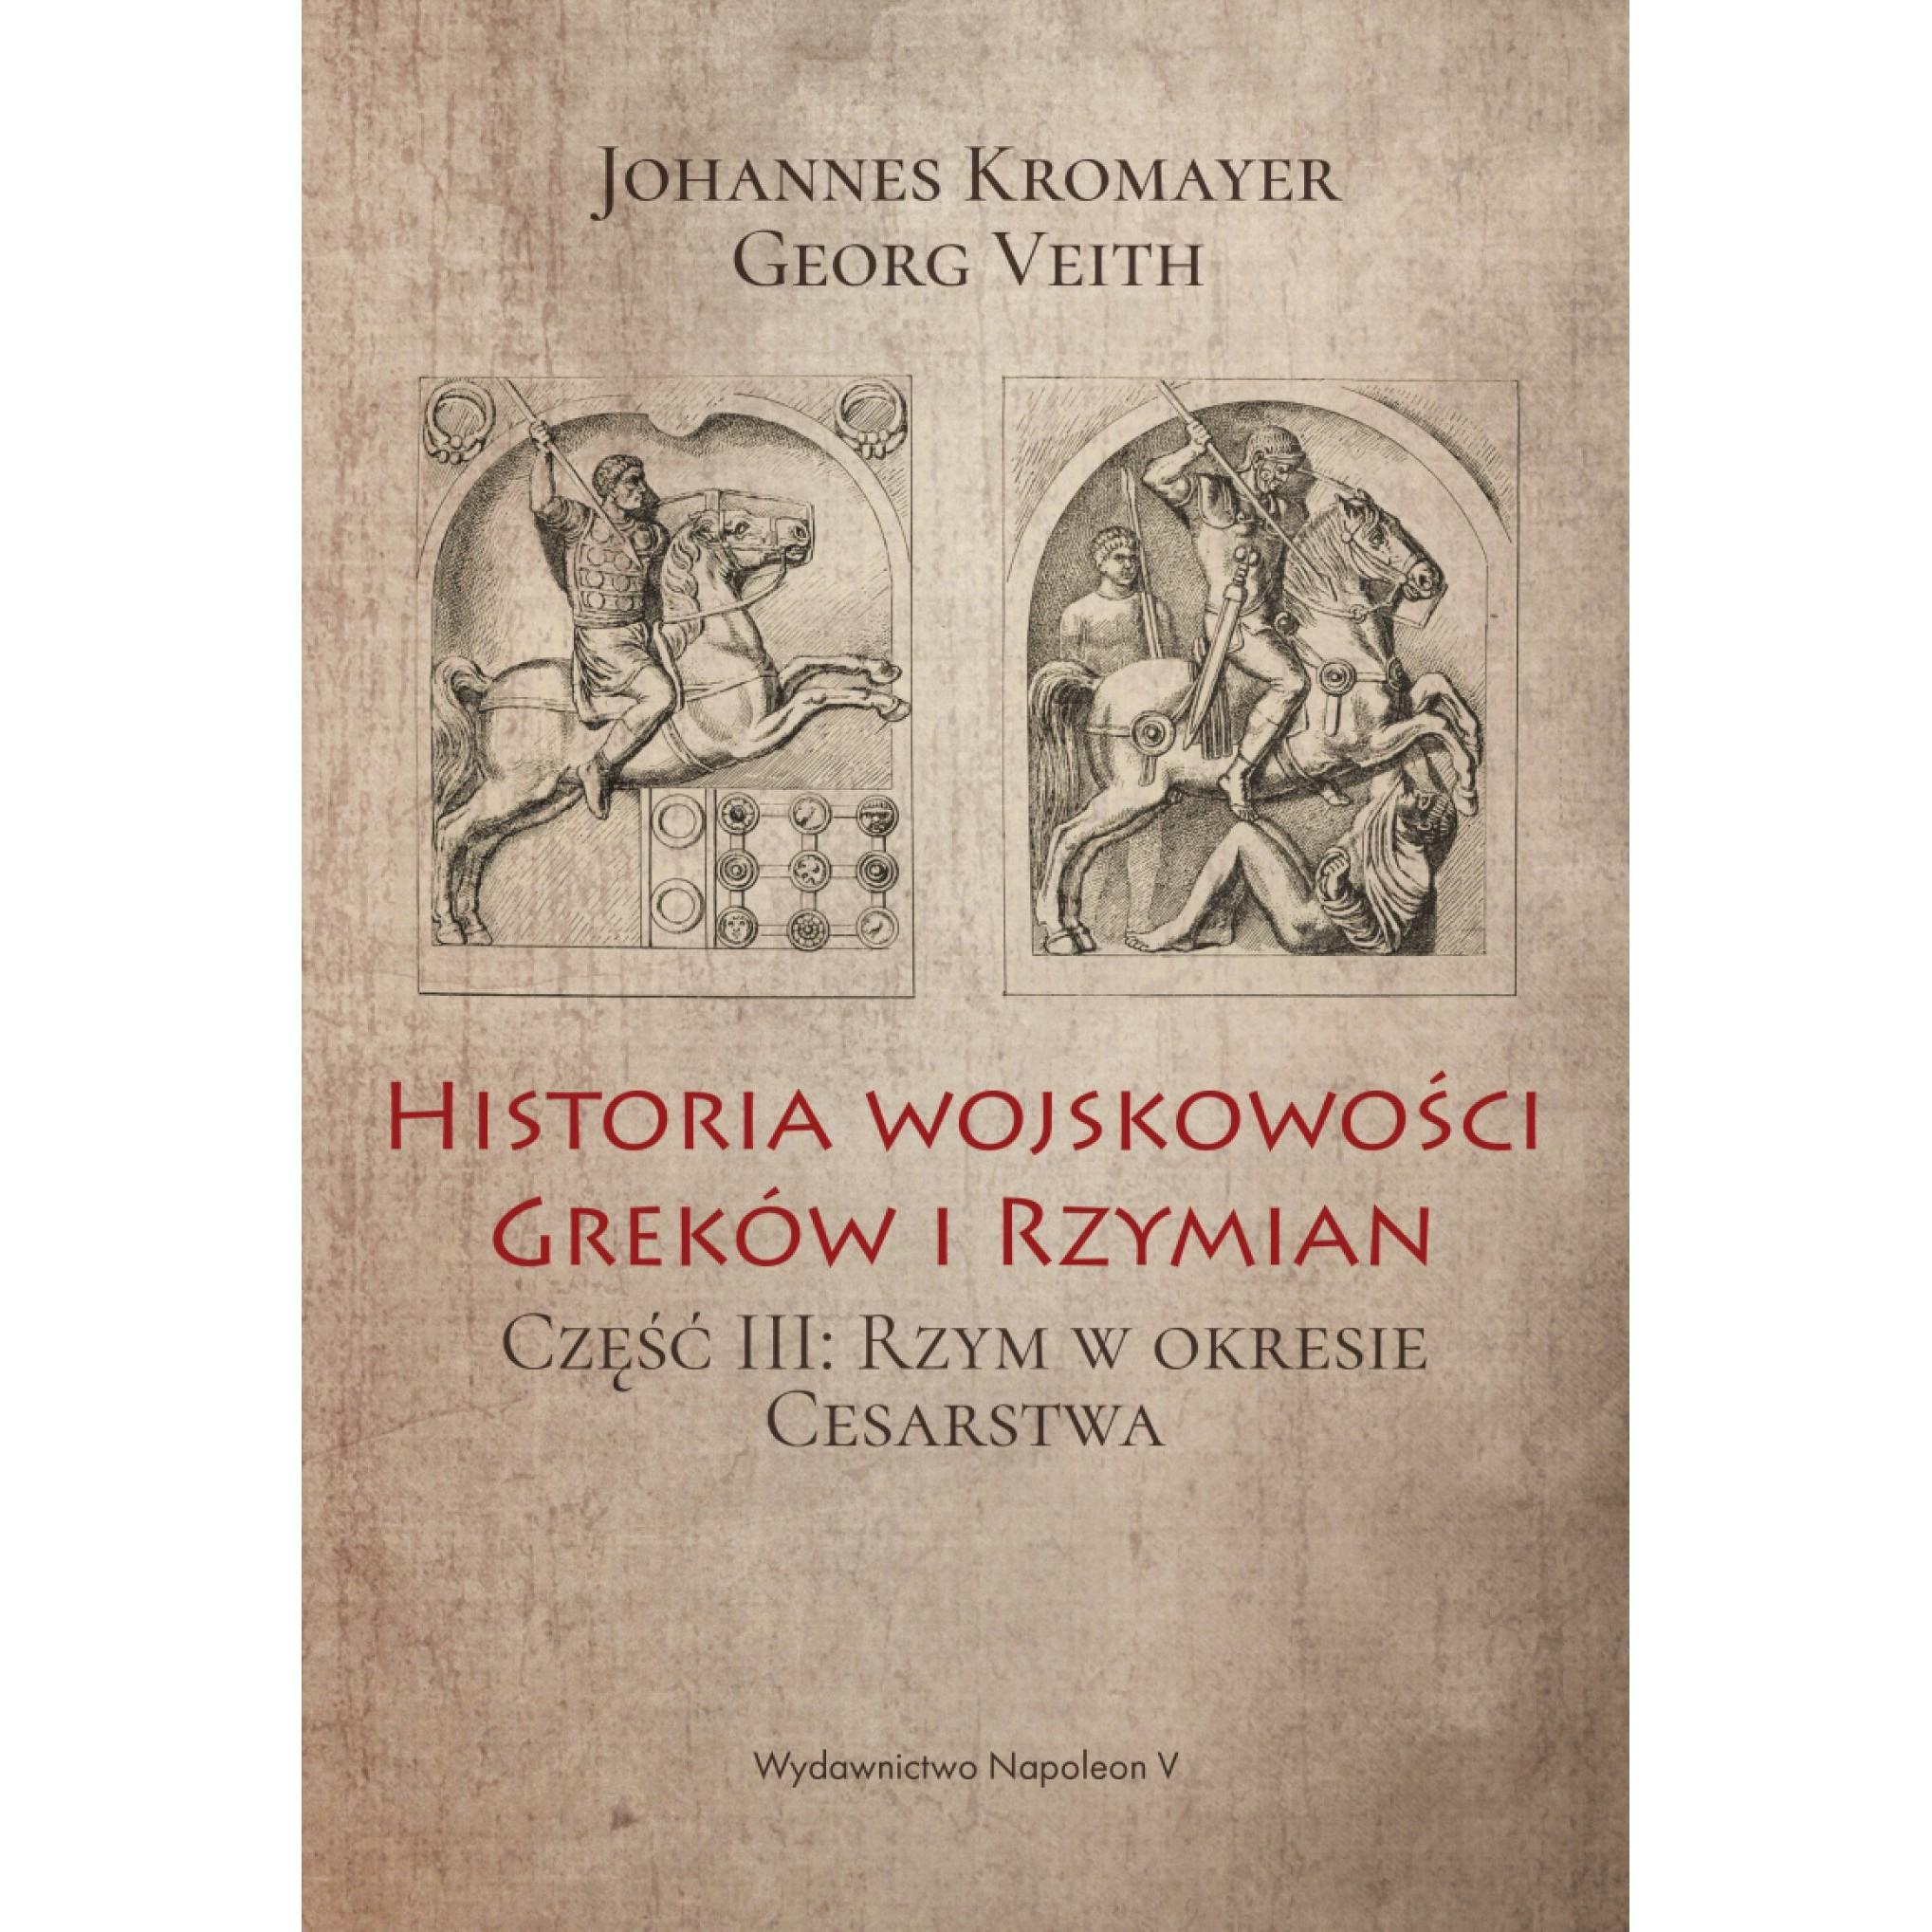 Historia wojskowości Greków i Rzymian część III Rzym w okresie Cesarstwa